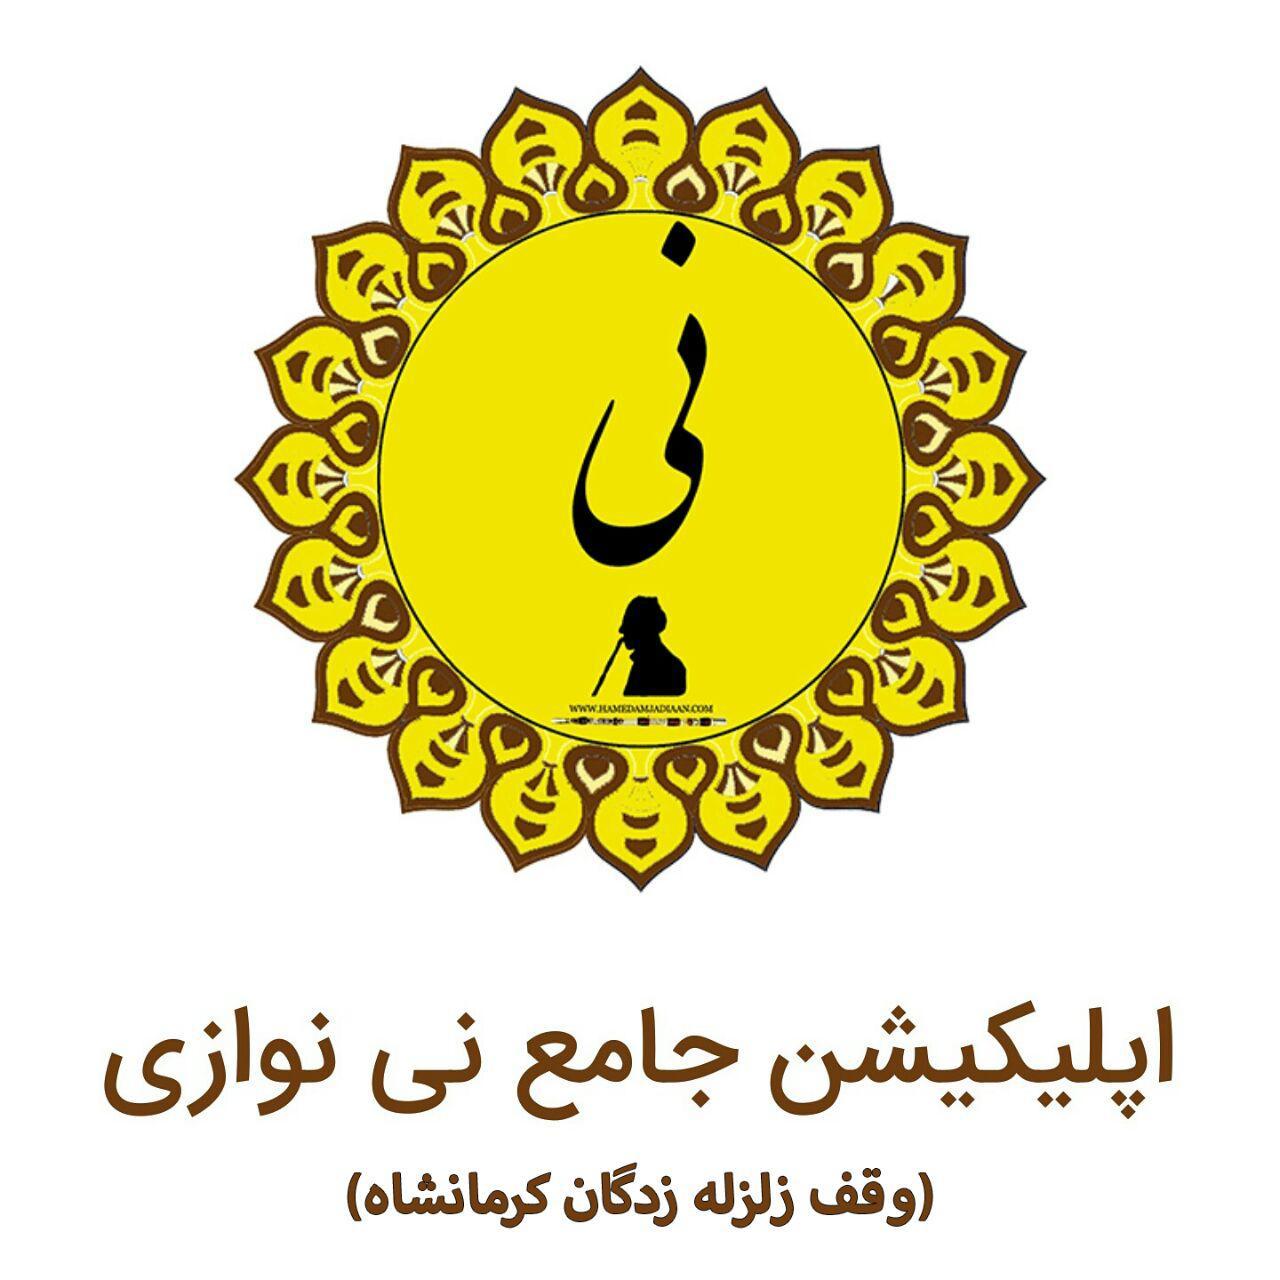 اپلیکیشن جامع نی نوازی، وقف زلزله زدگان استان کرمانشاه شد